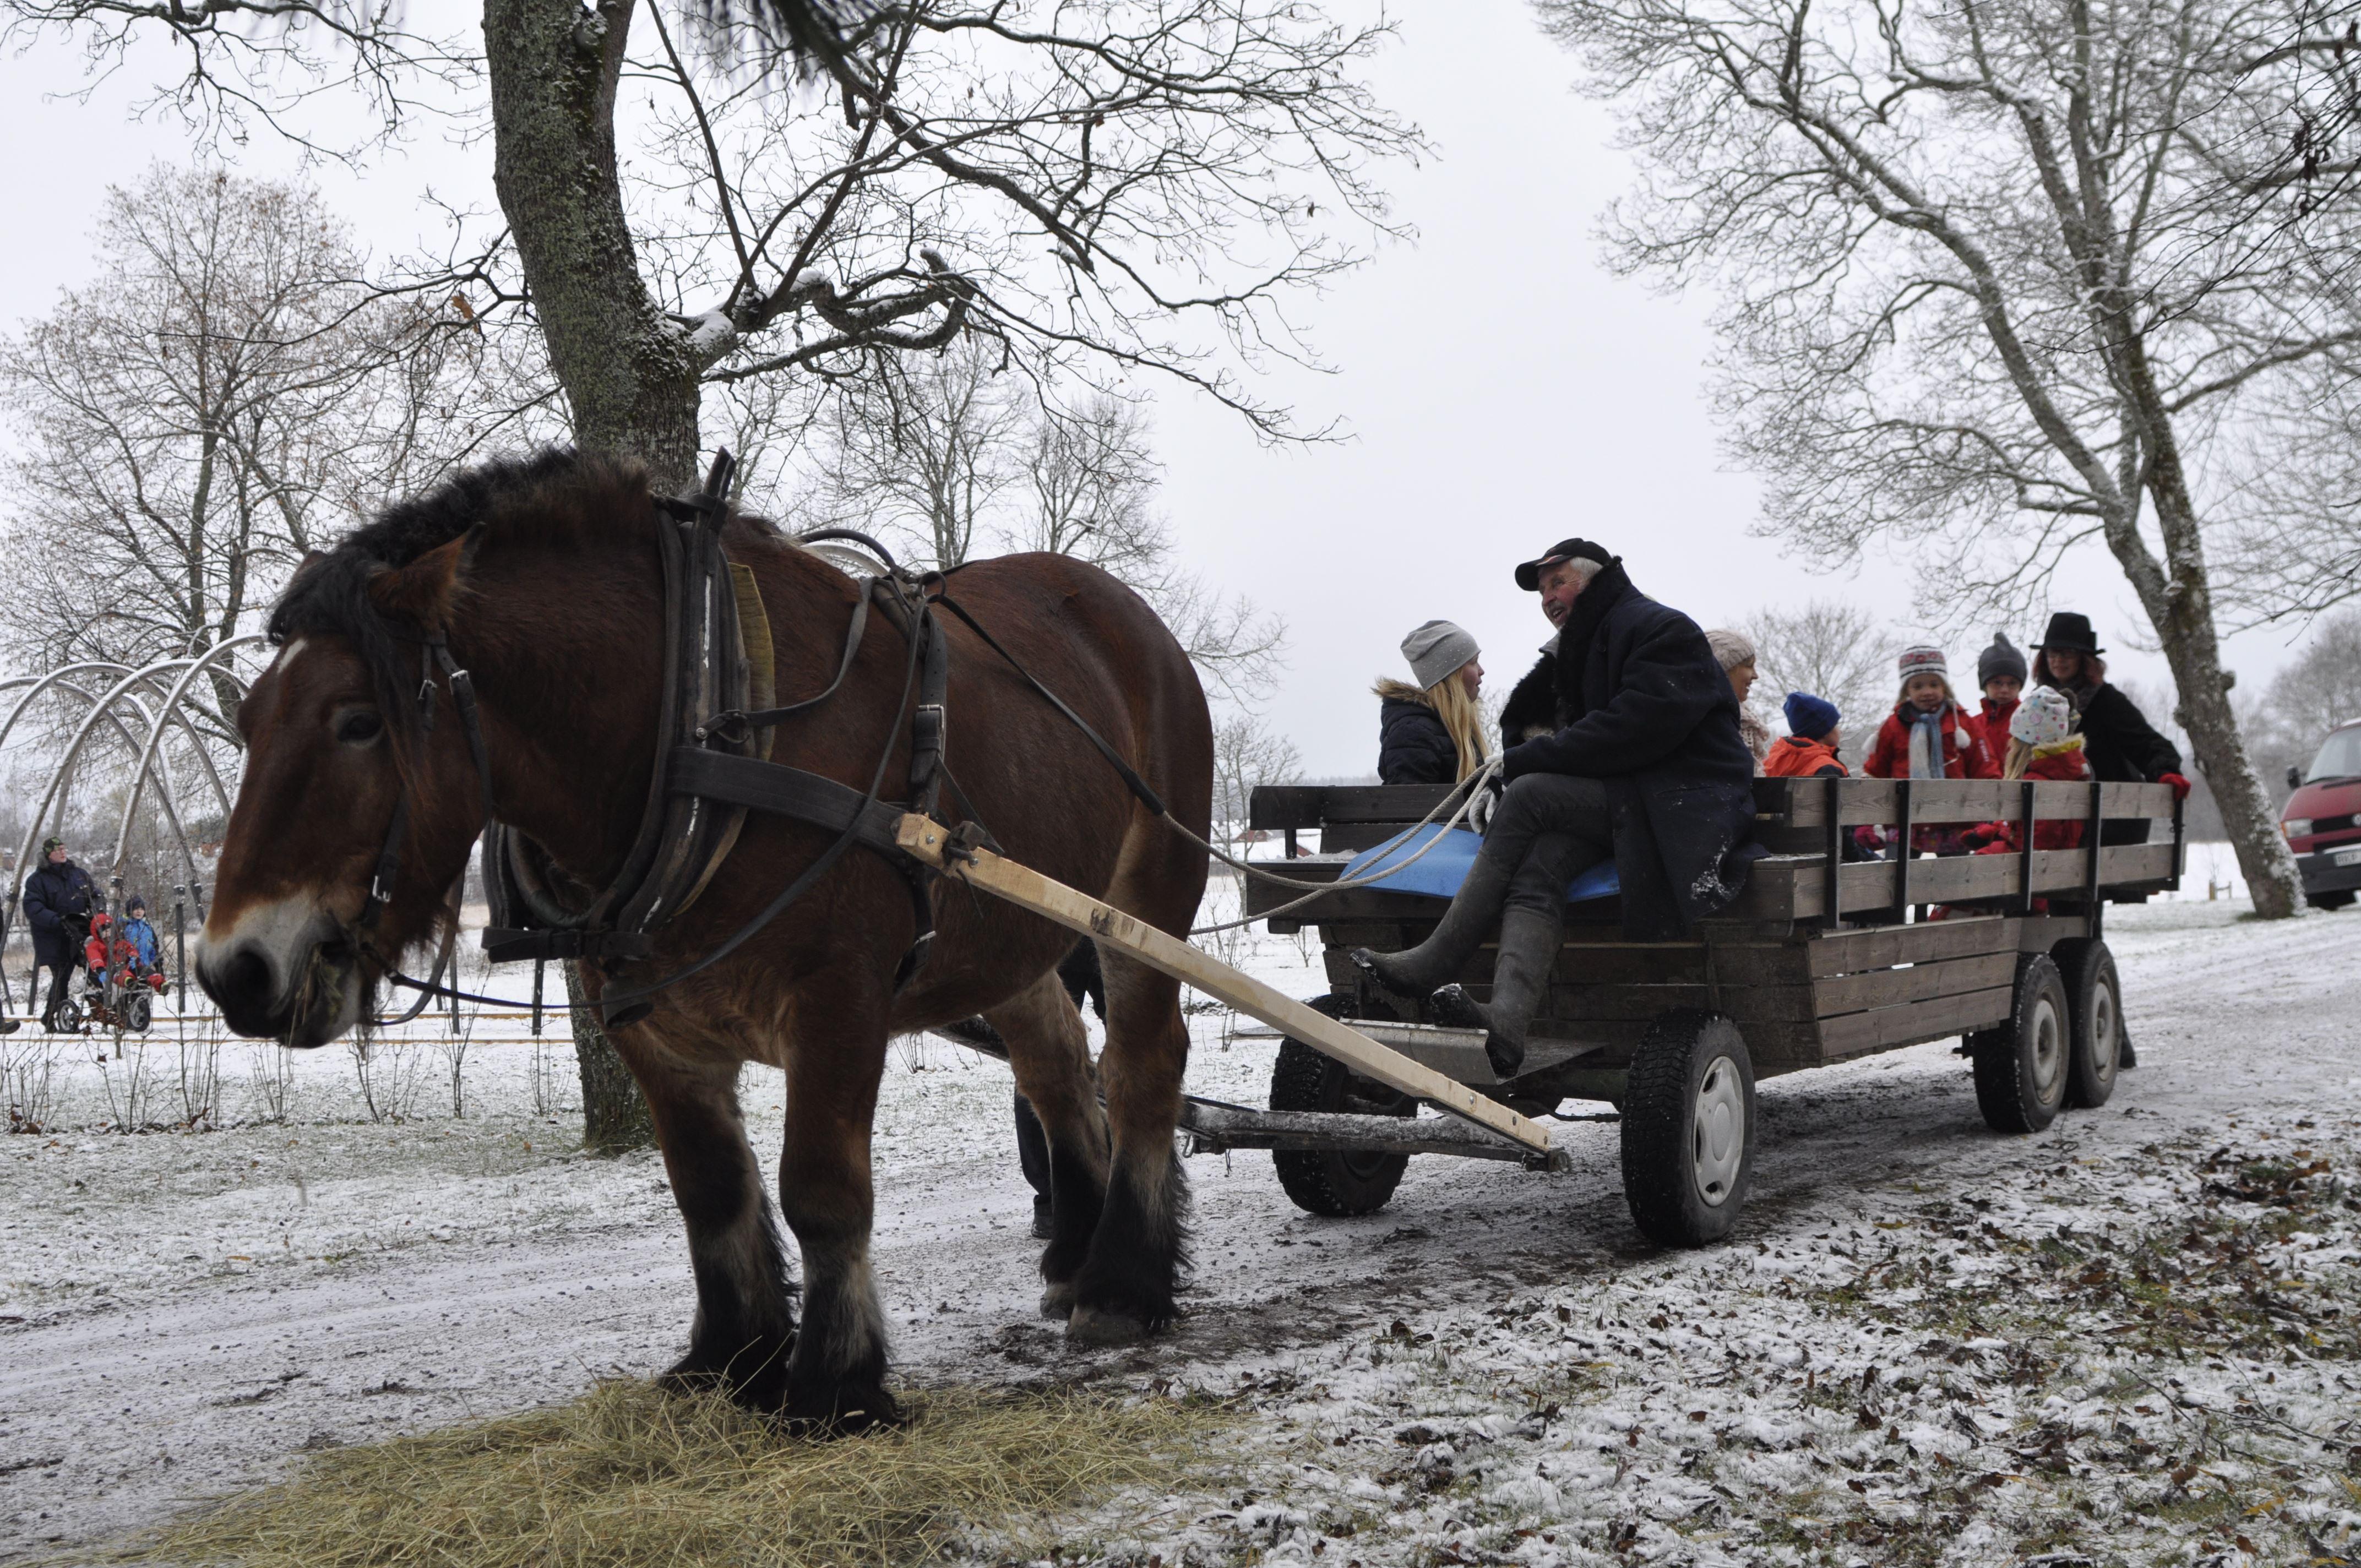 Elin Starck, Hästtur på julmarknad